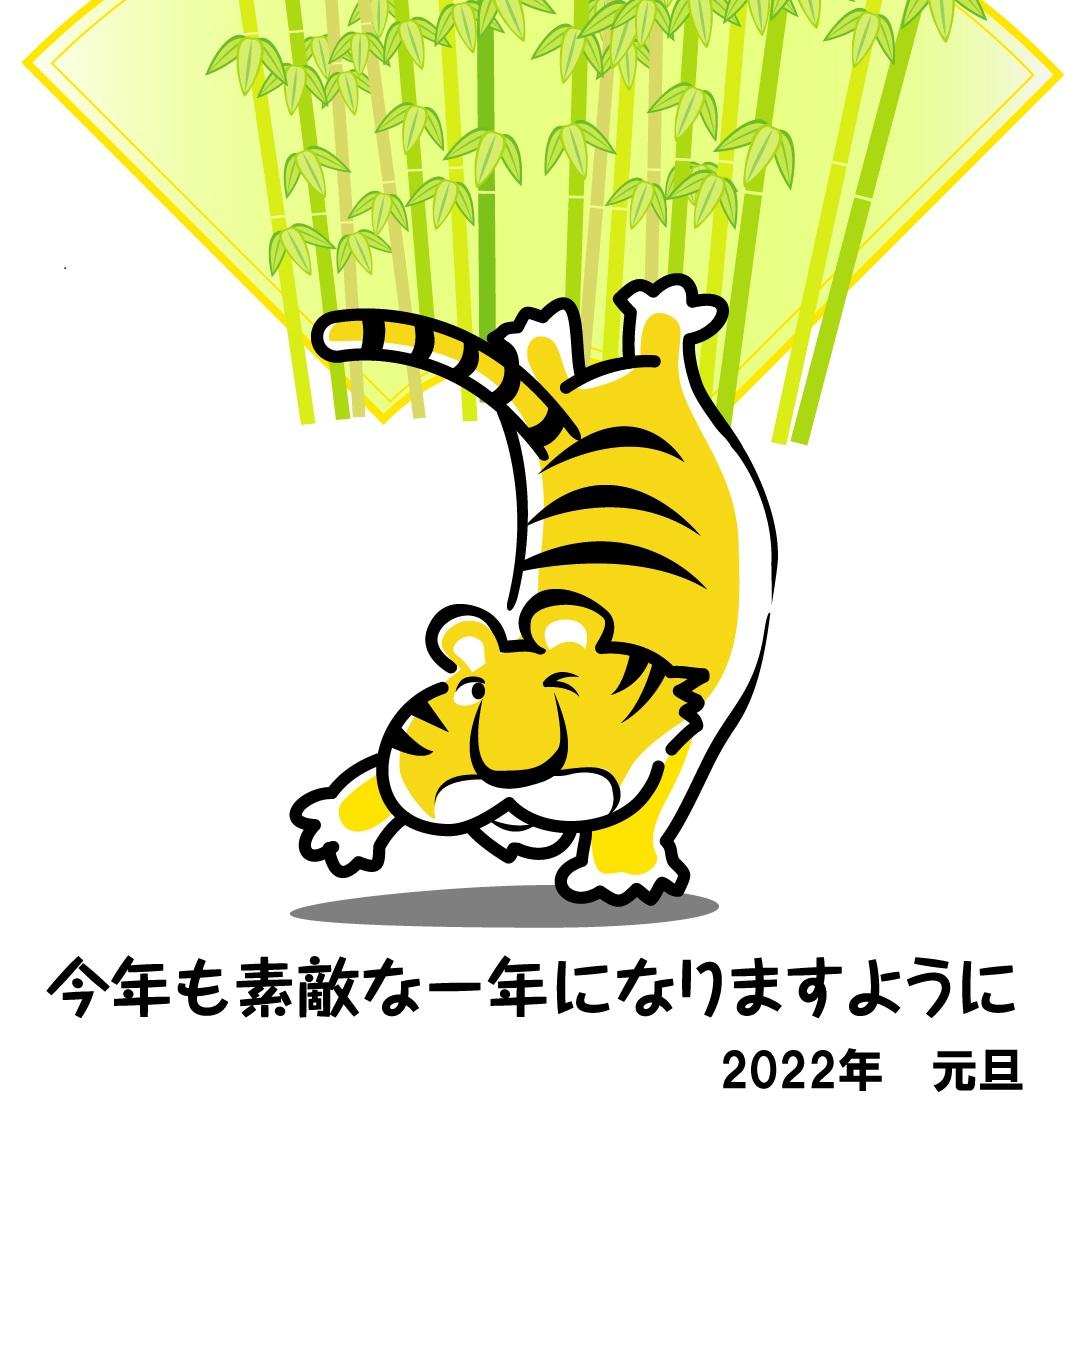 陽気でかわいい寅(虎)が逆立ち&ウィンクしているイラストの年賀状テンプレート